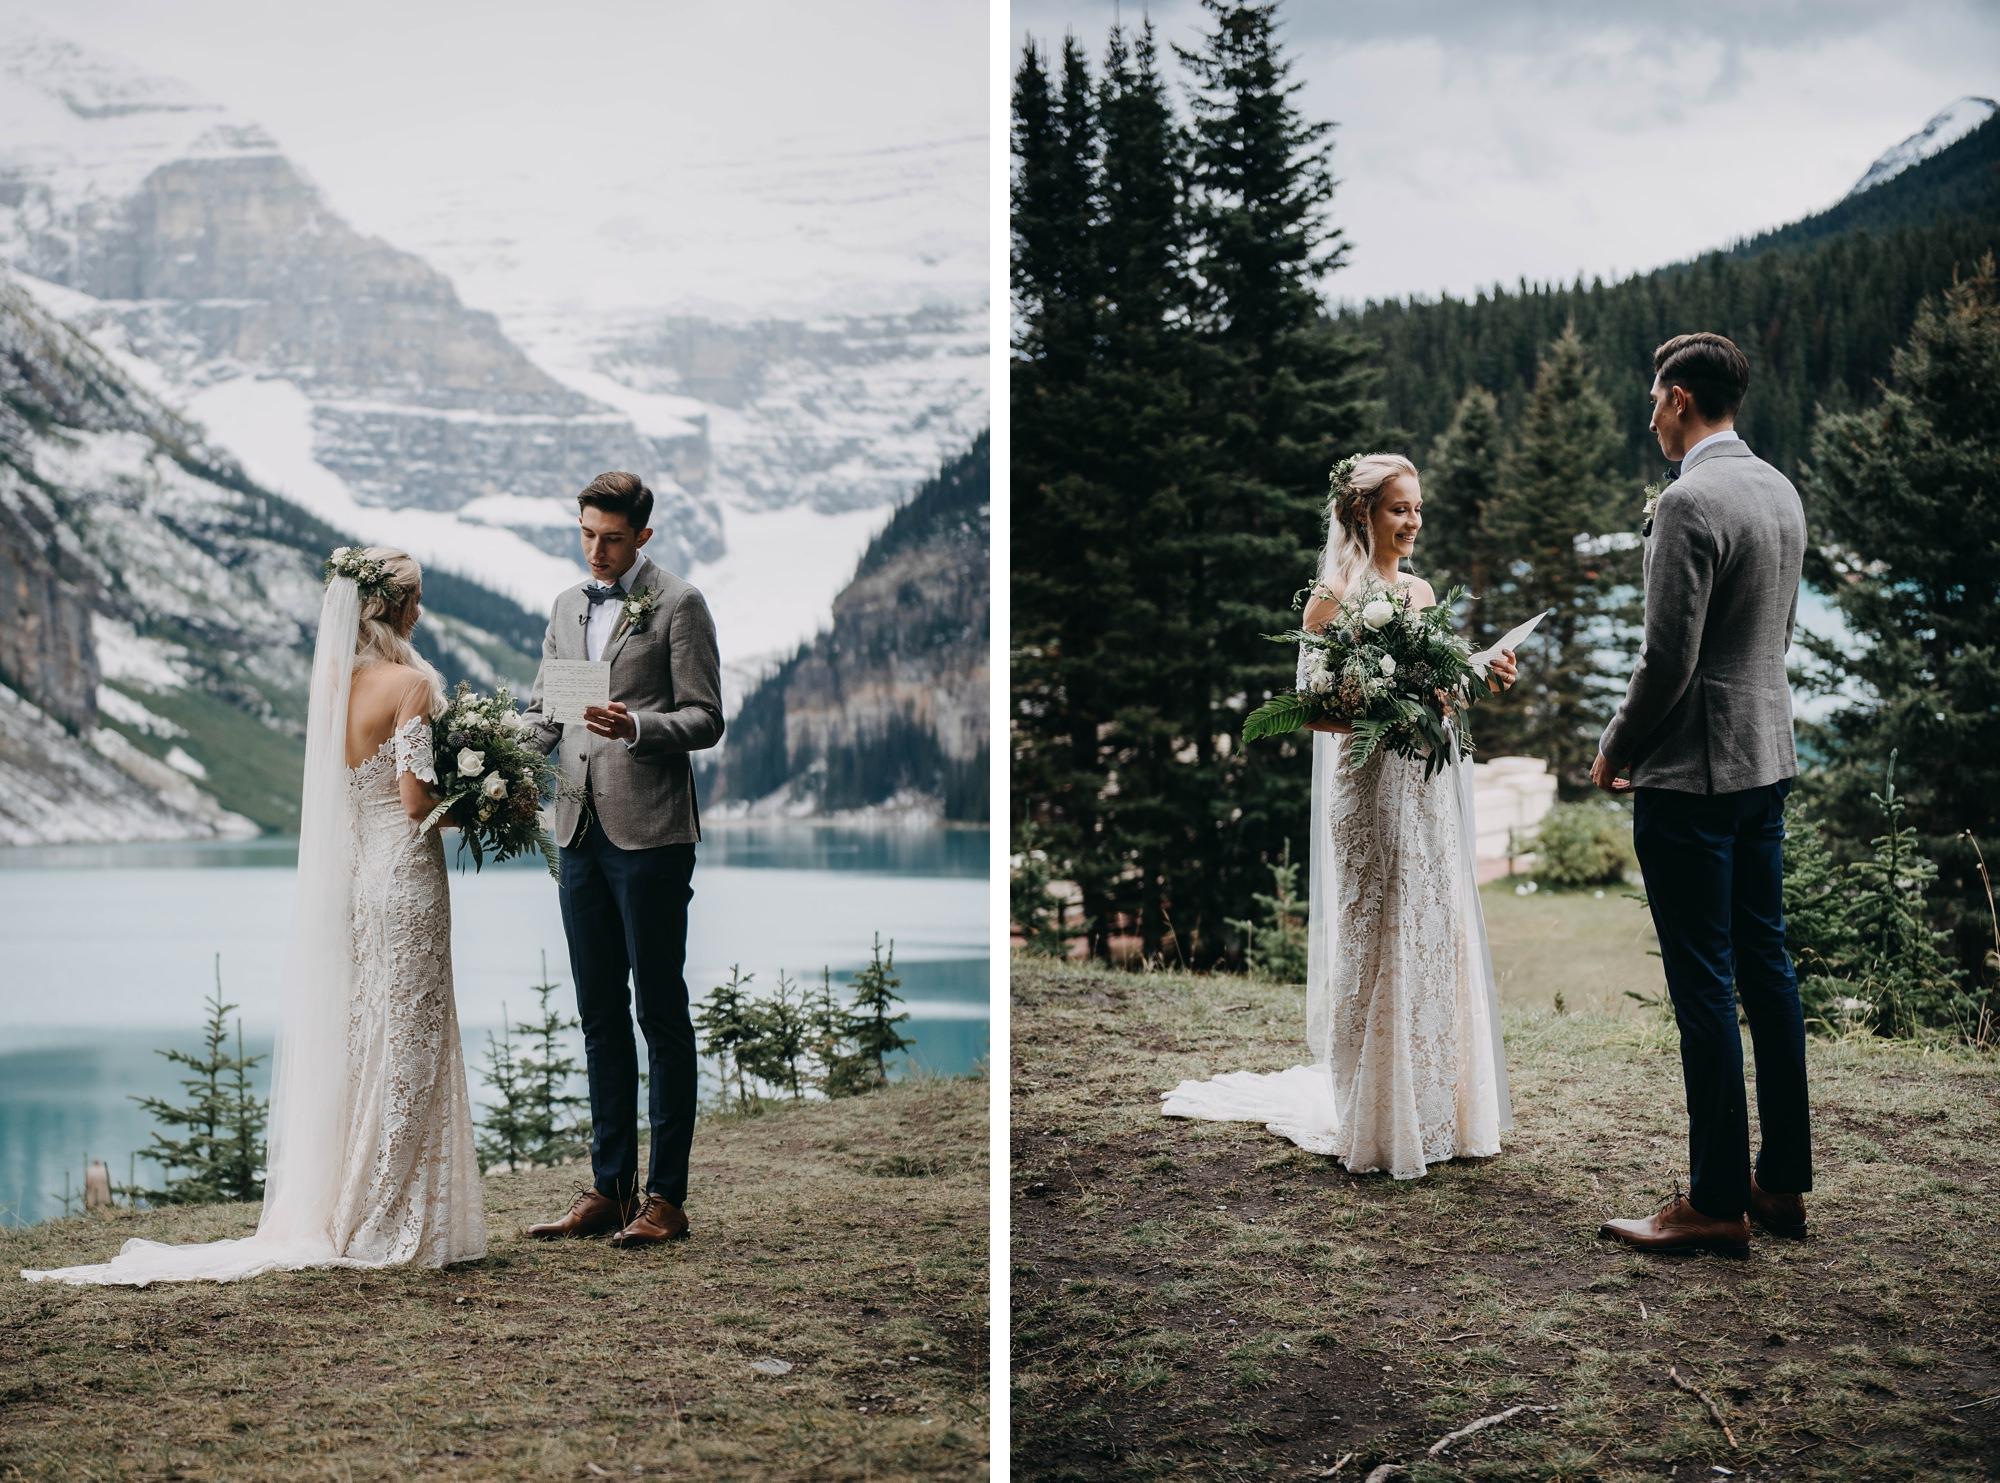 vow exchange at lake louise elopement